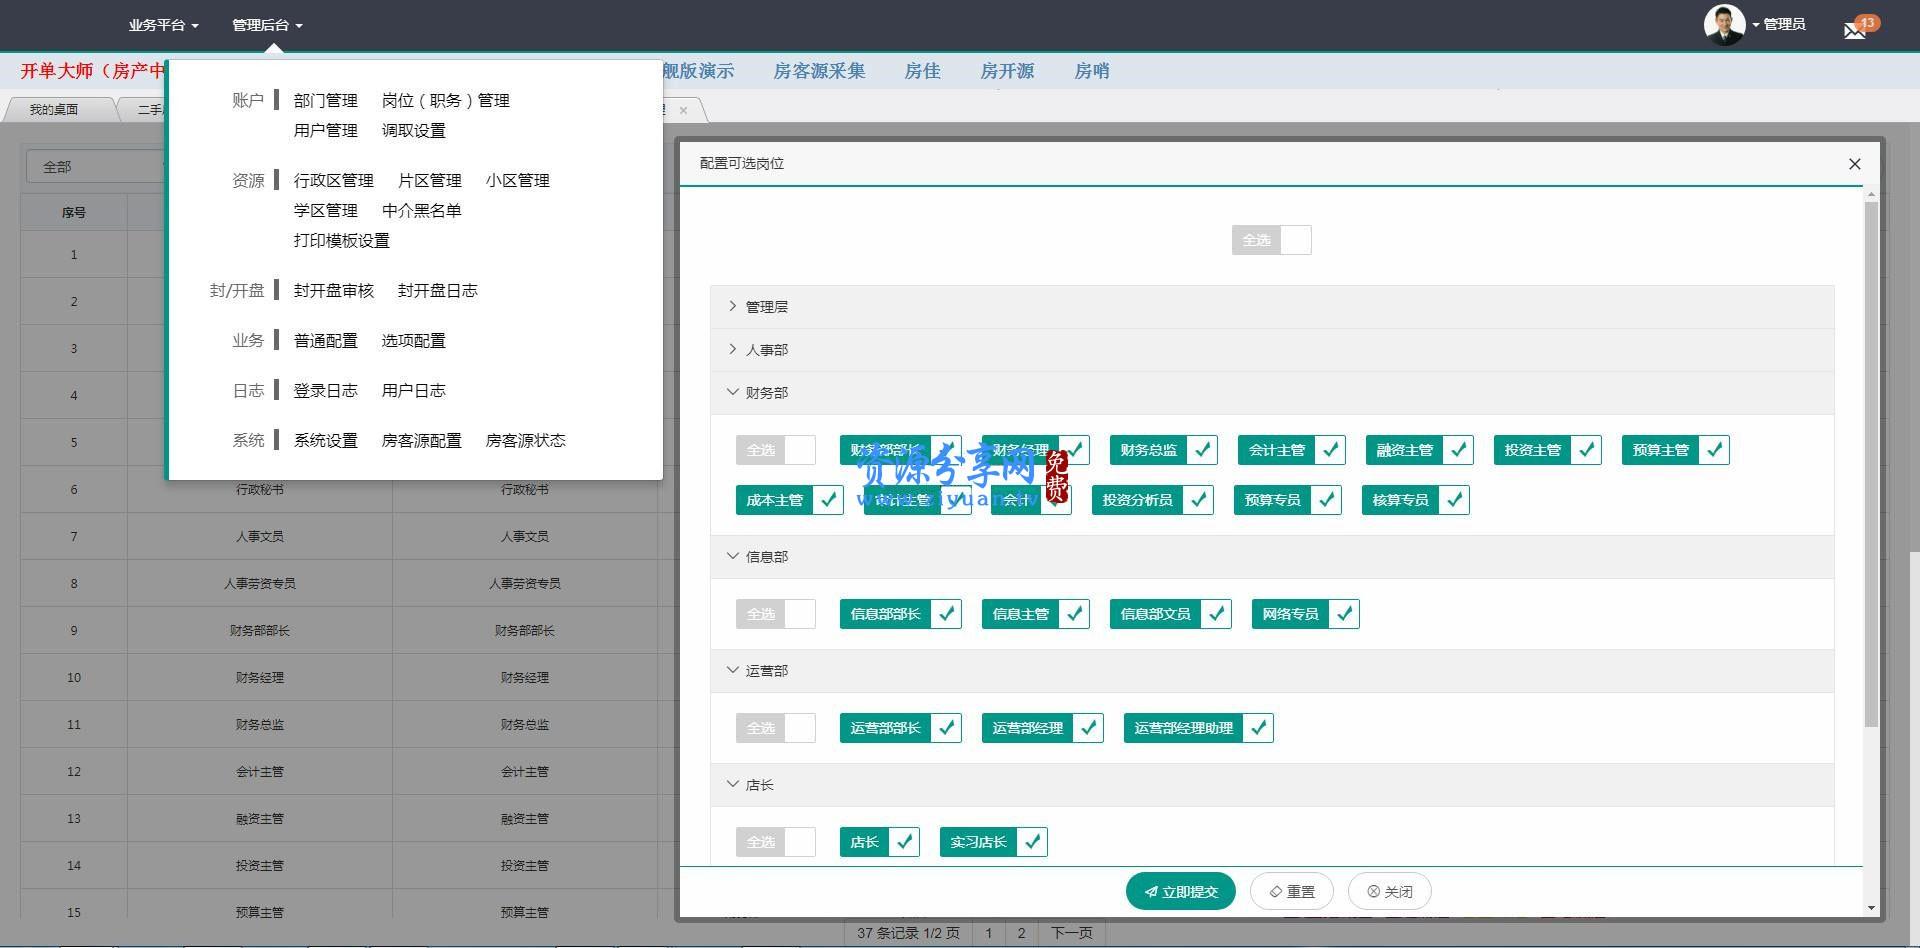 开单大师 v3.3.9 学习版+开源可定制房产中介 ERP 管理系统+手机电脑微信 Pad 同步使用